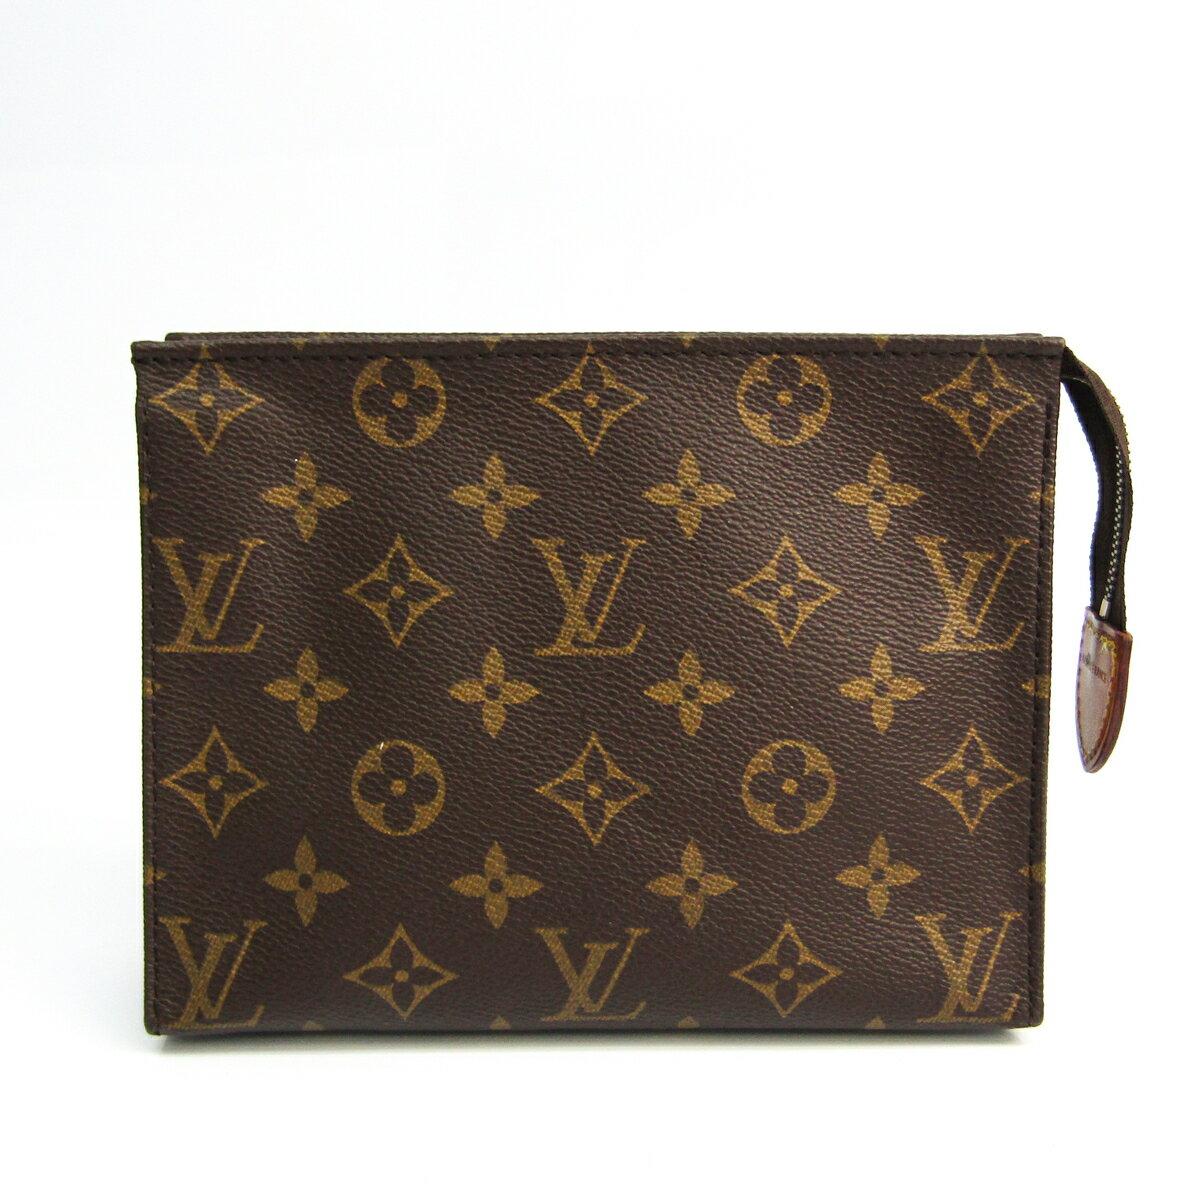 レディースバッグ, かごバッグ (Louis Vuitton) 19 M47544